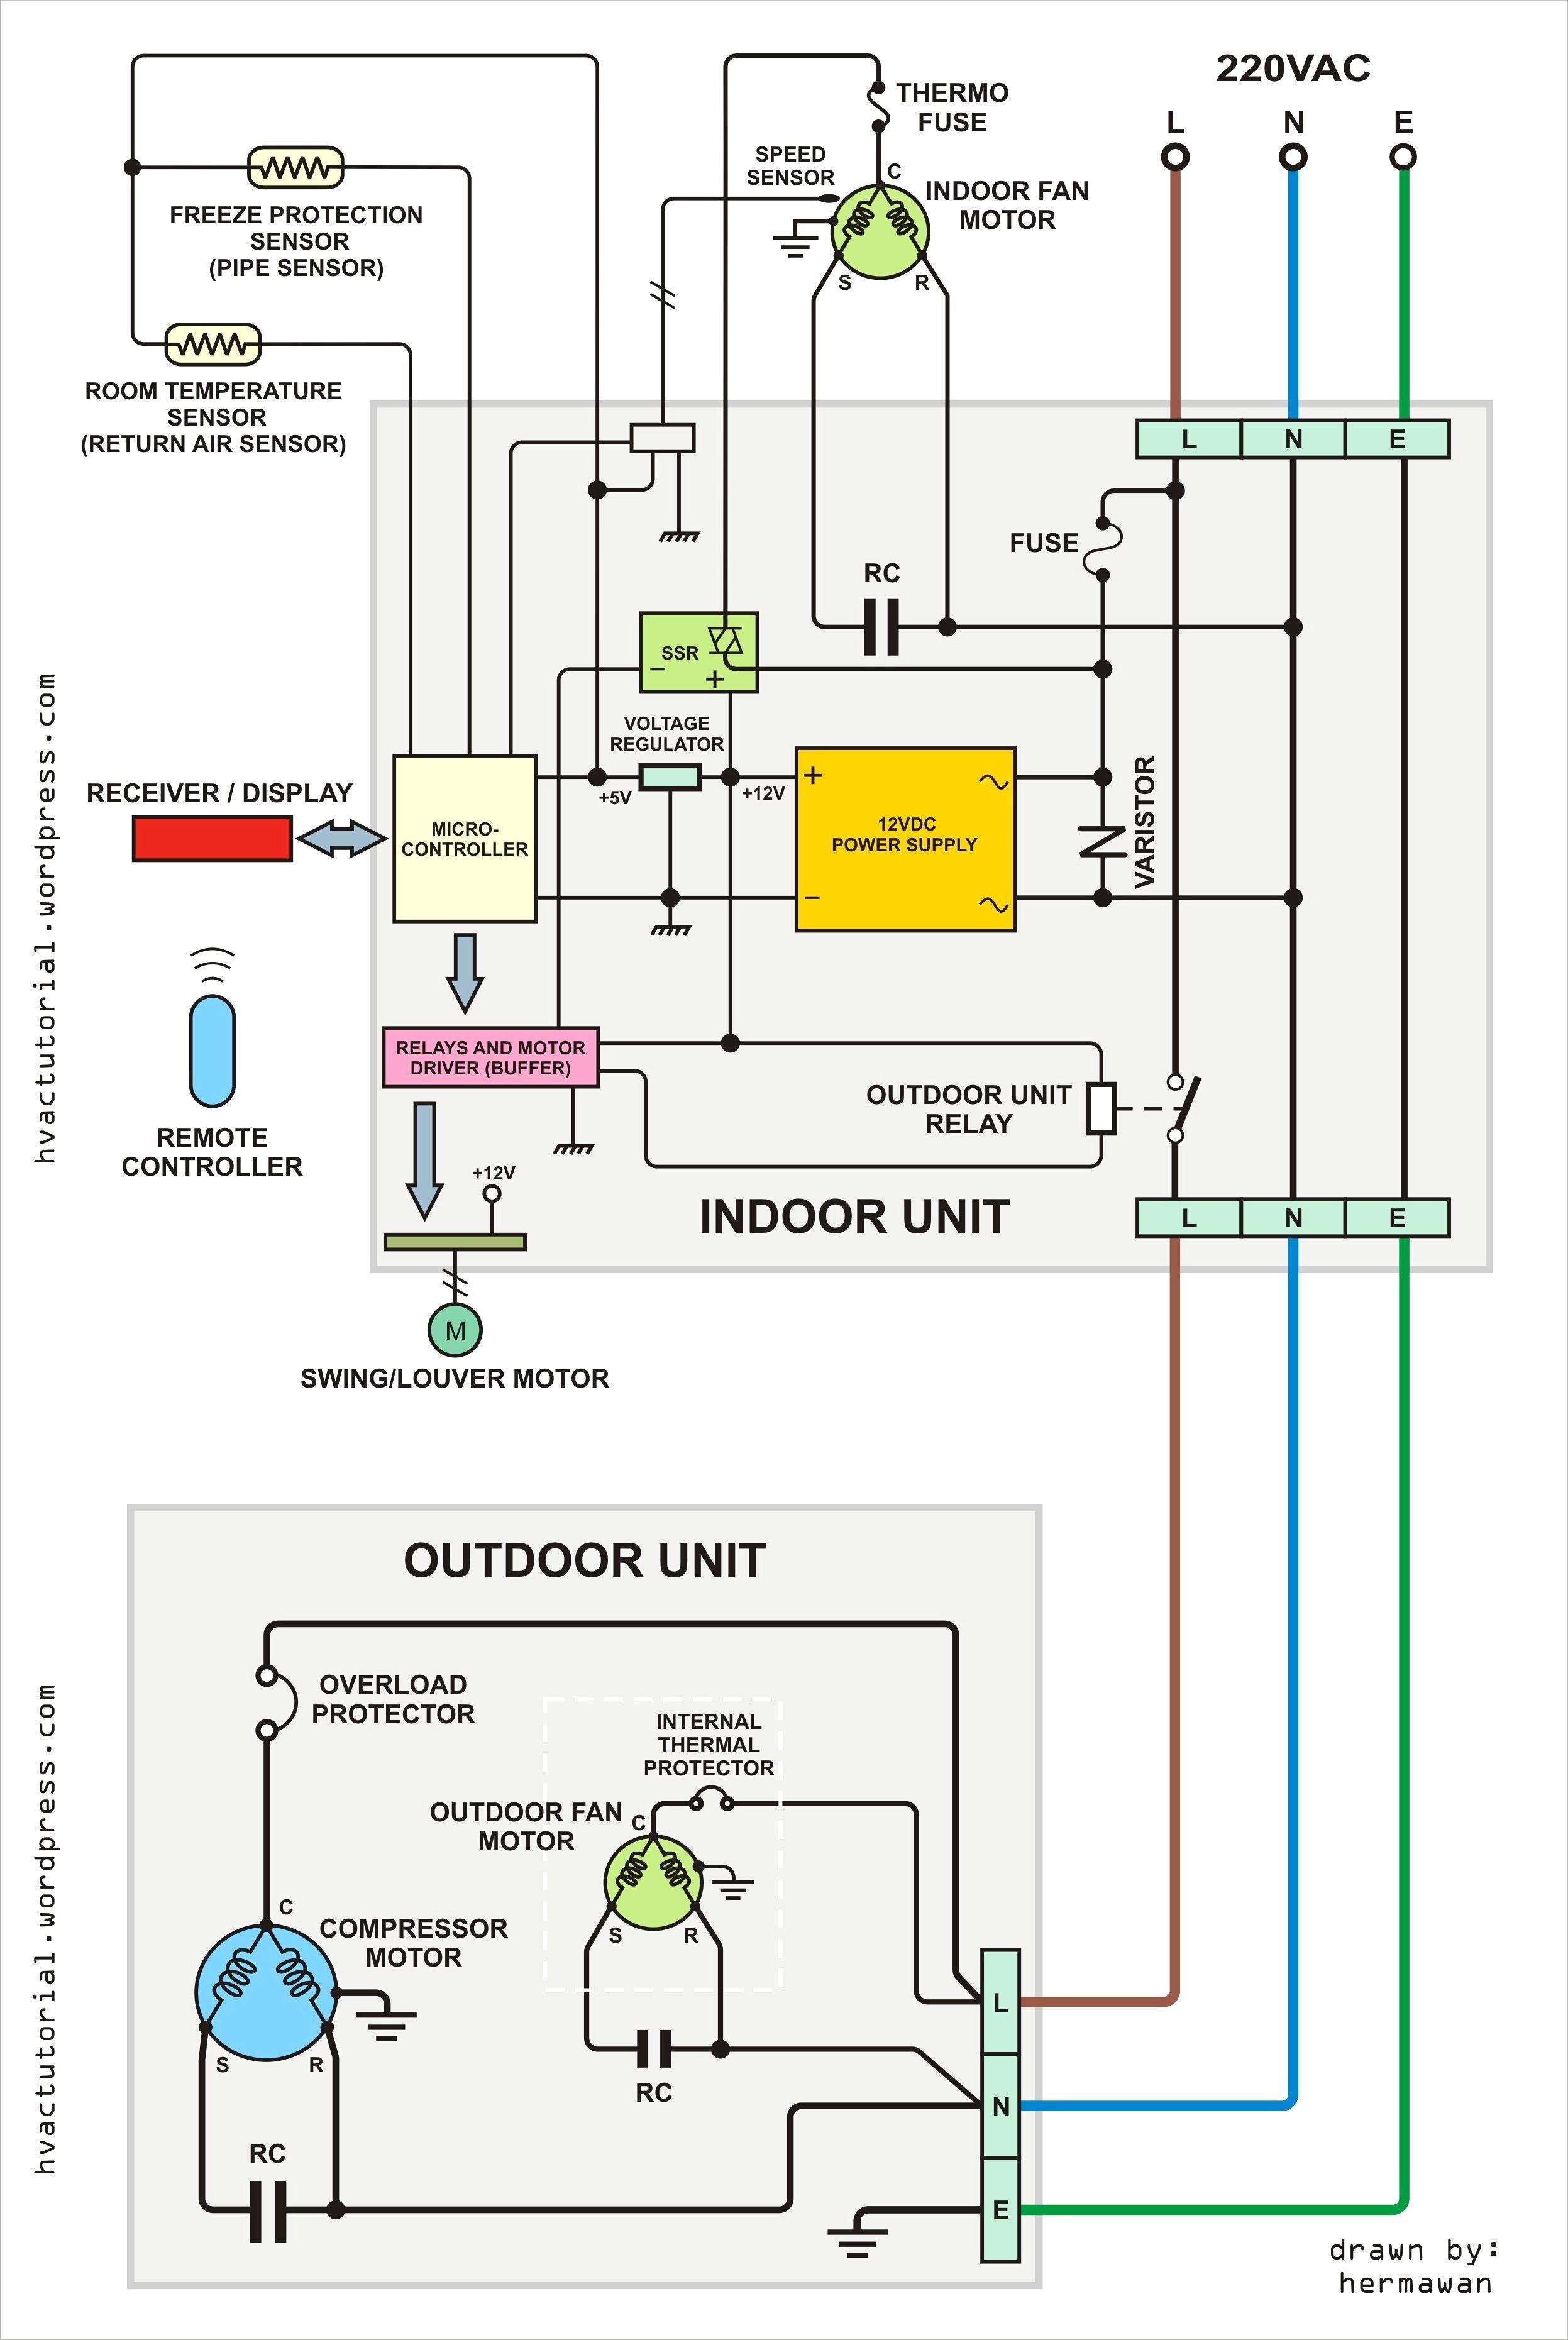 R845a Aquastat Diagram Wiring Center • Honeywell L8148a Wiring Diagram